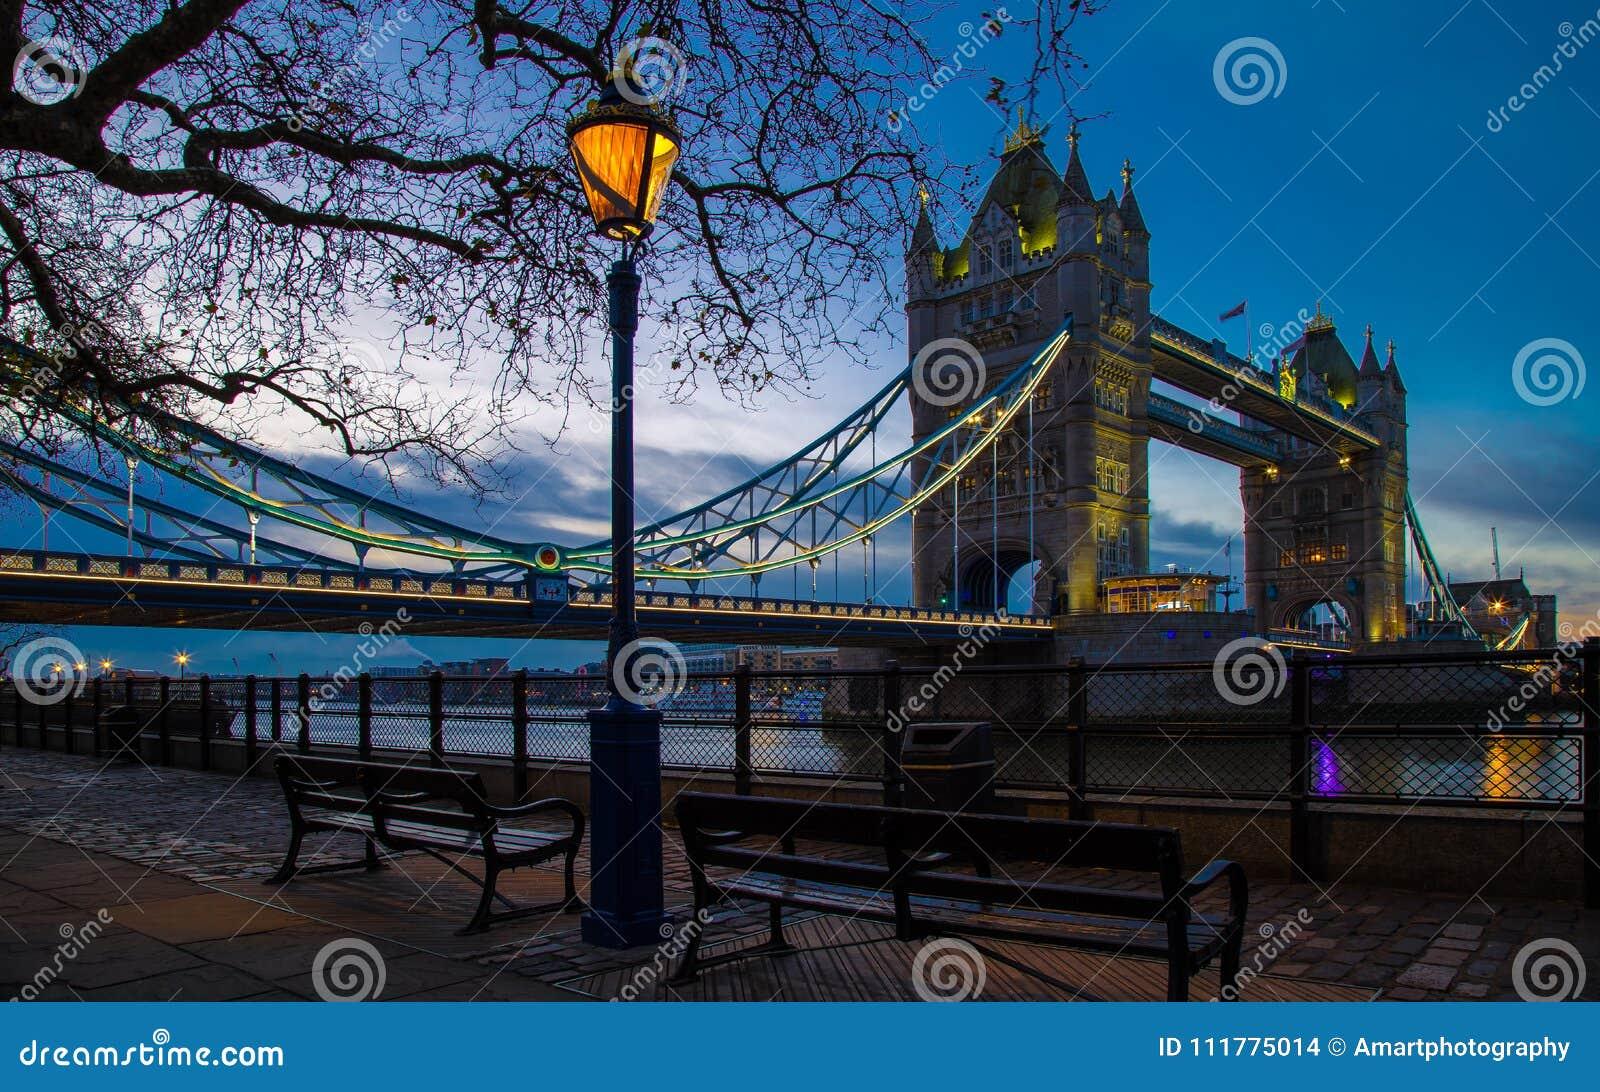 Amazing Tower Bridge London England Europe